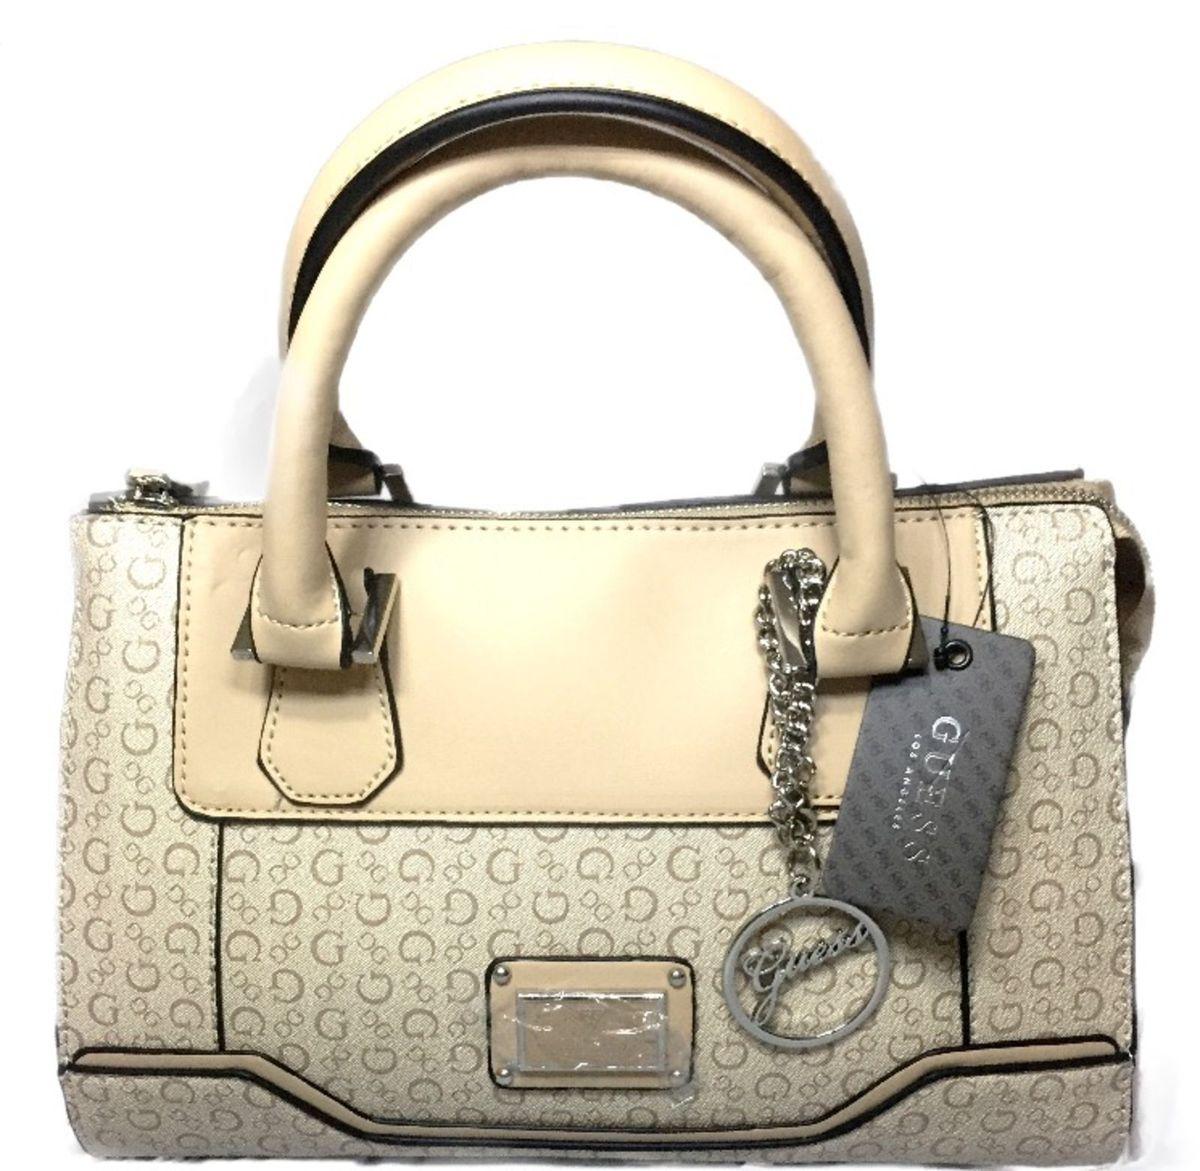 a47e25f8e Bolsa Couro Grife Guess Original Importada Linda | Bolsa de Ombro ...